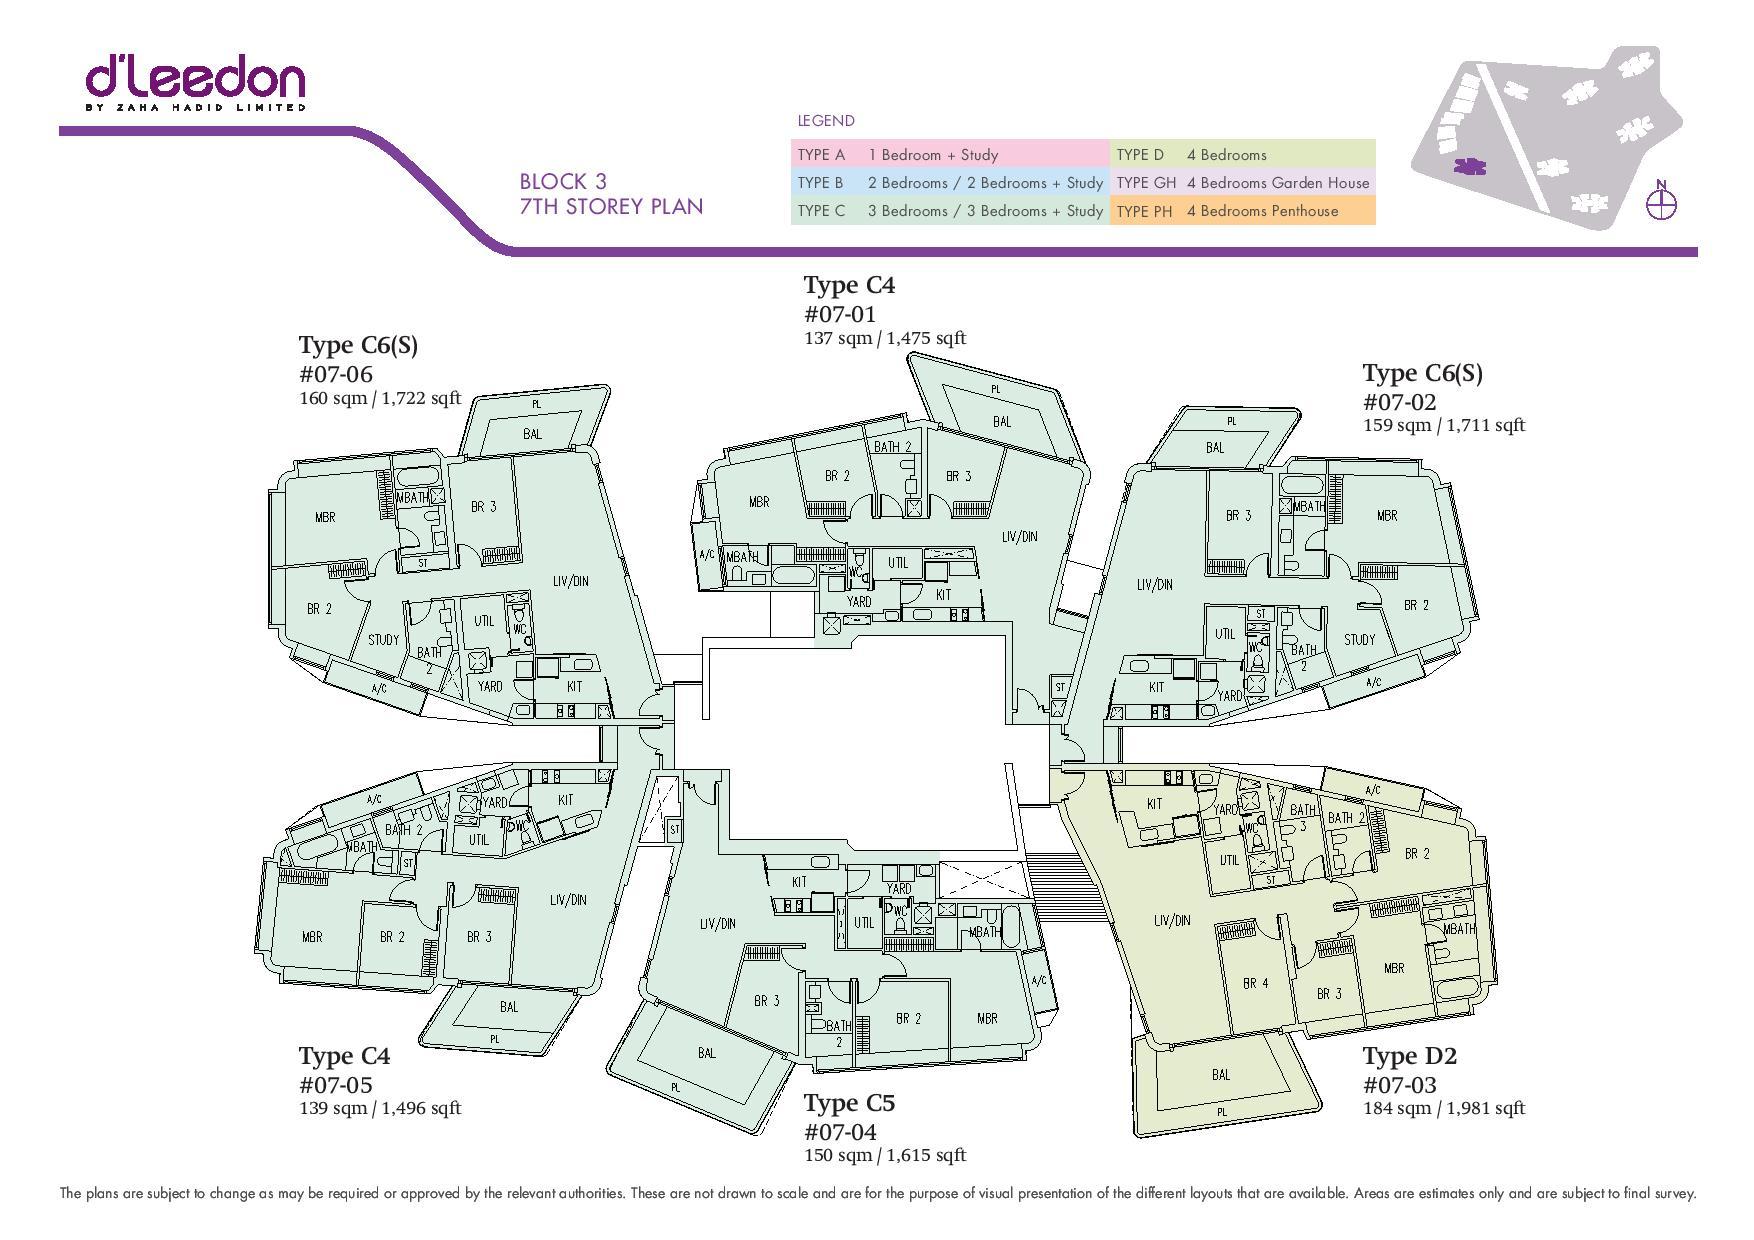 D'Leedon Block 7th Storey Floor Plans